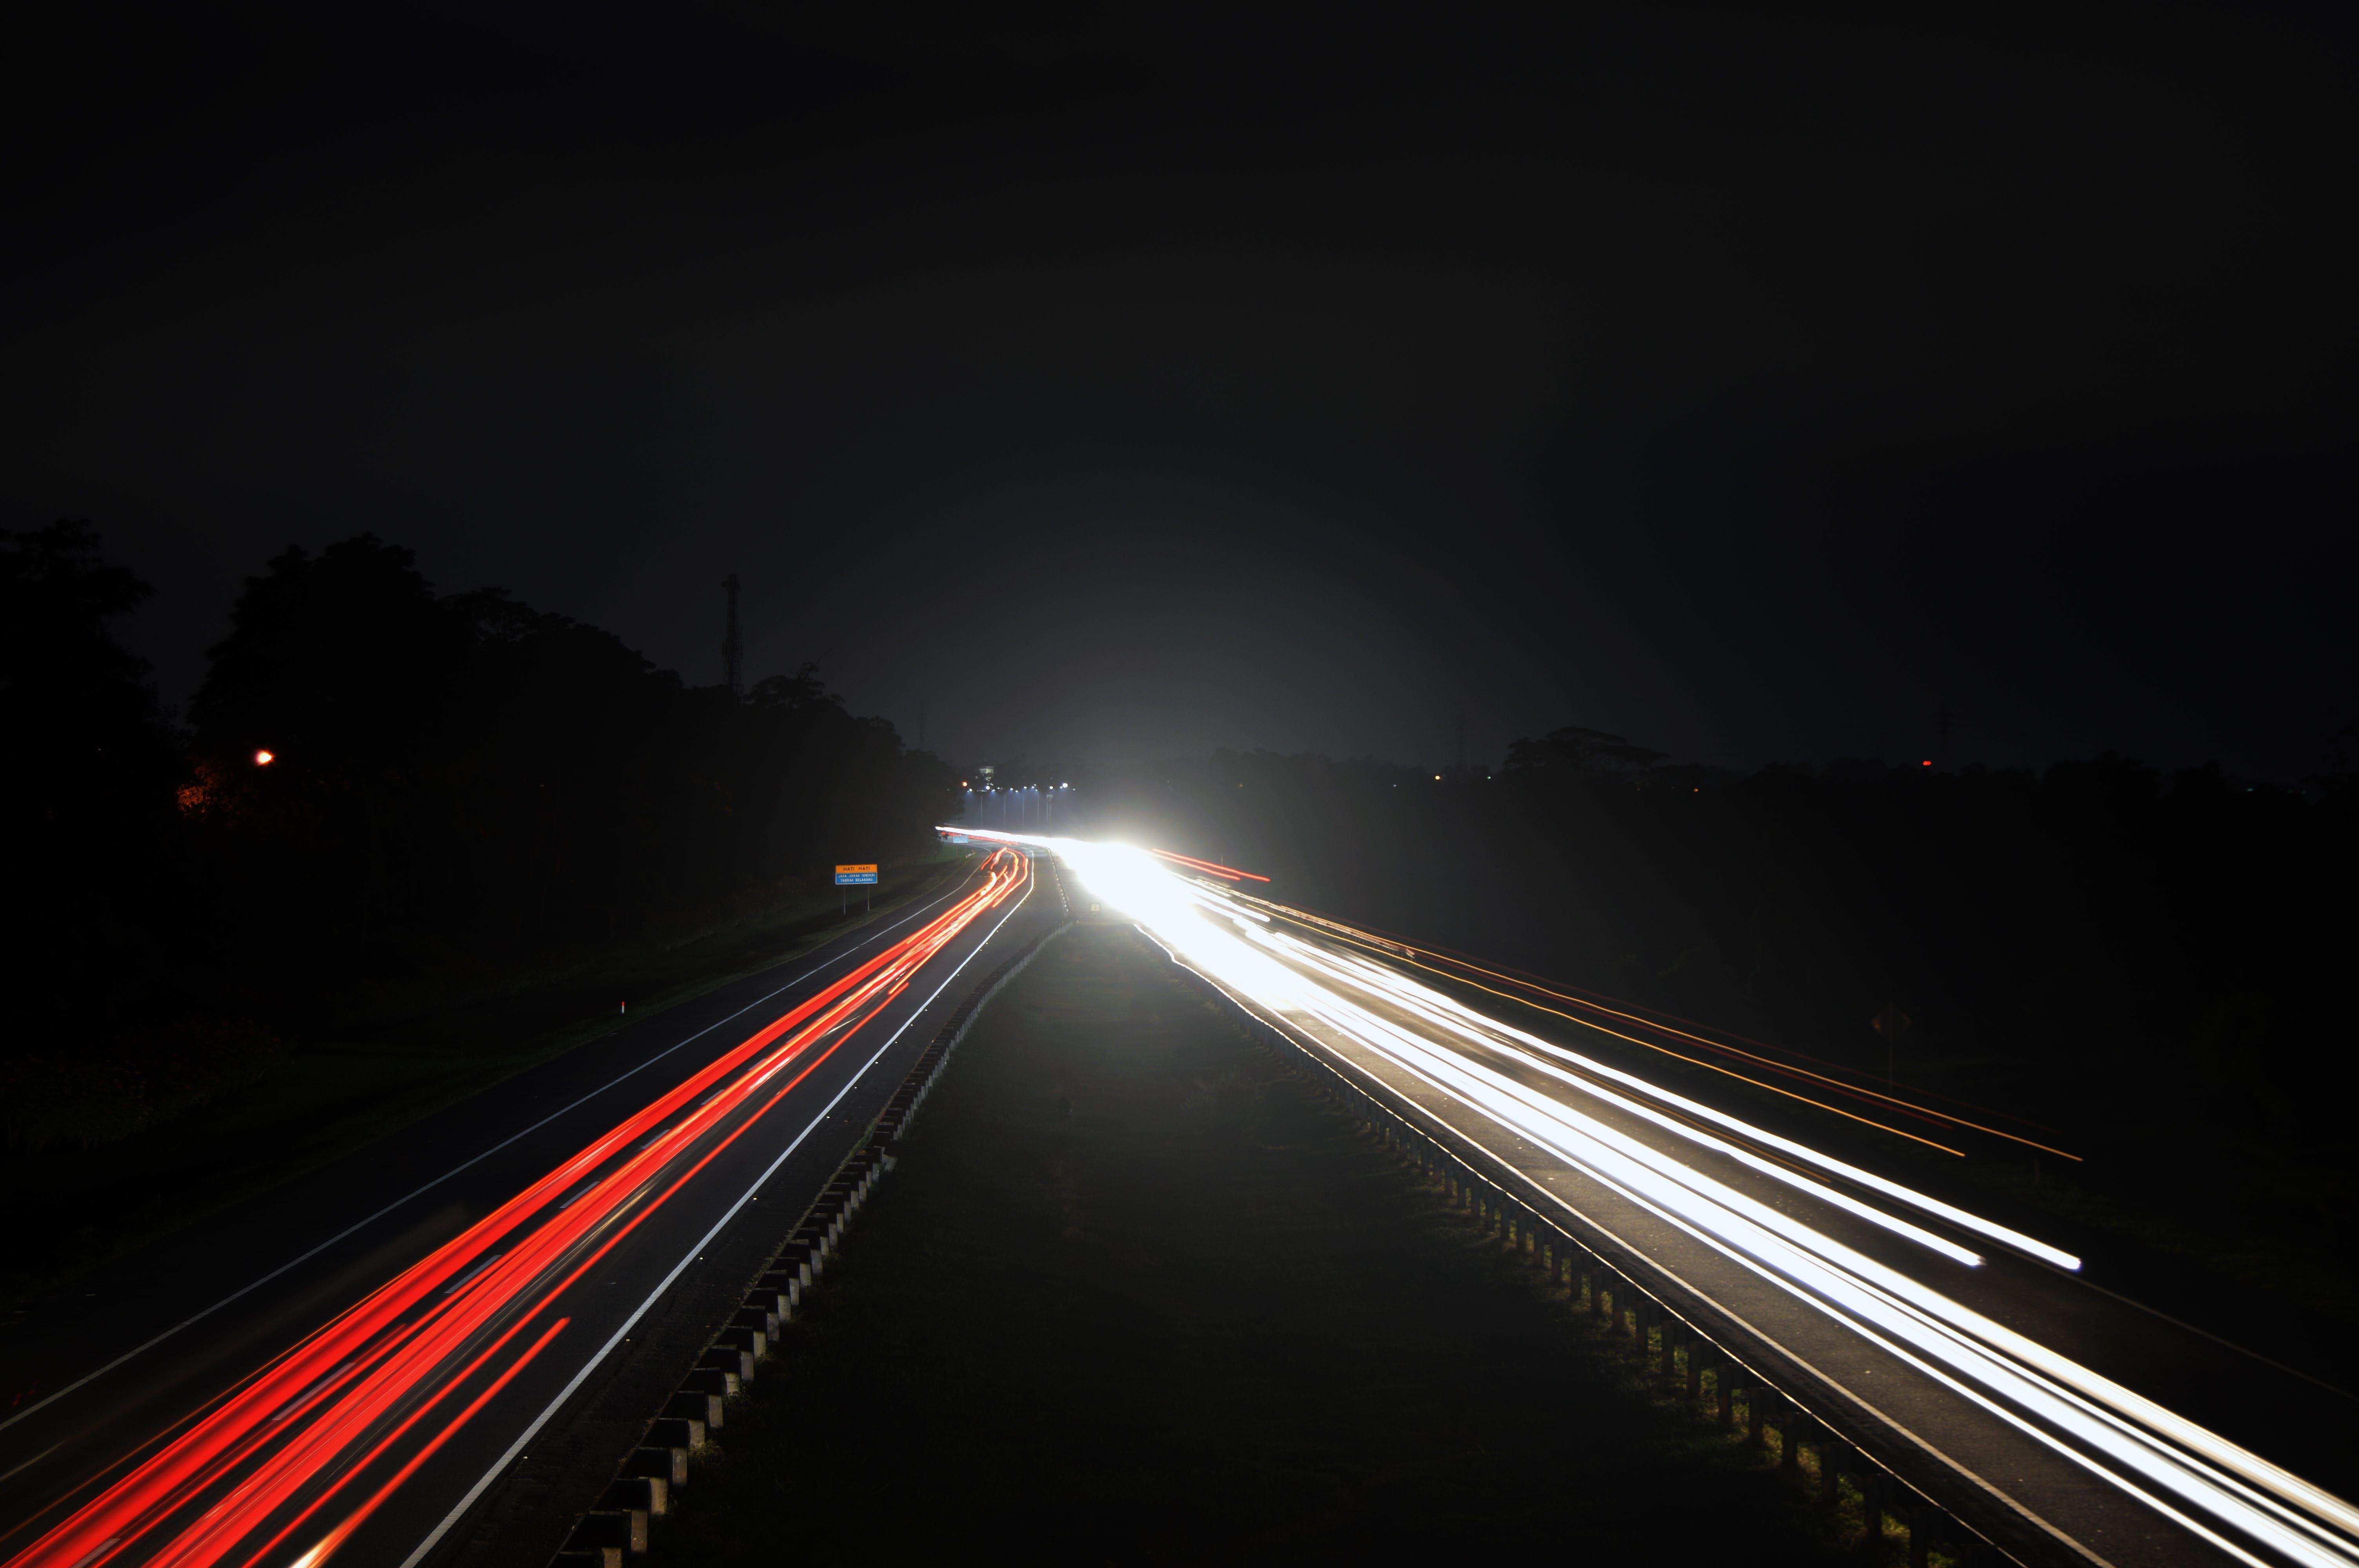 blur, dark, evening